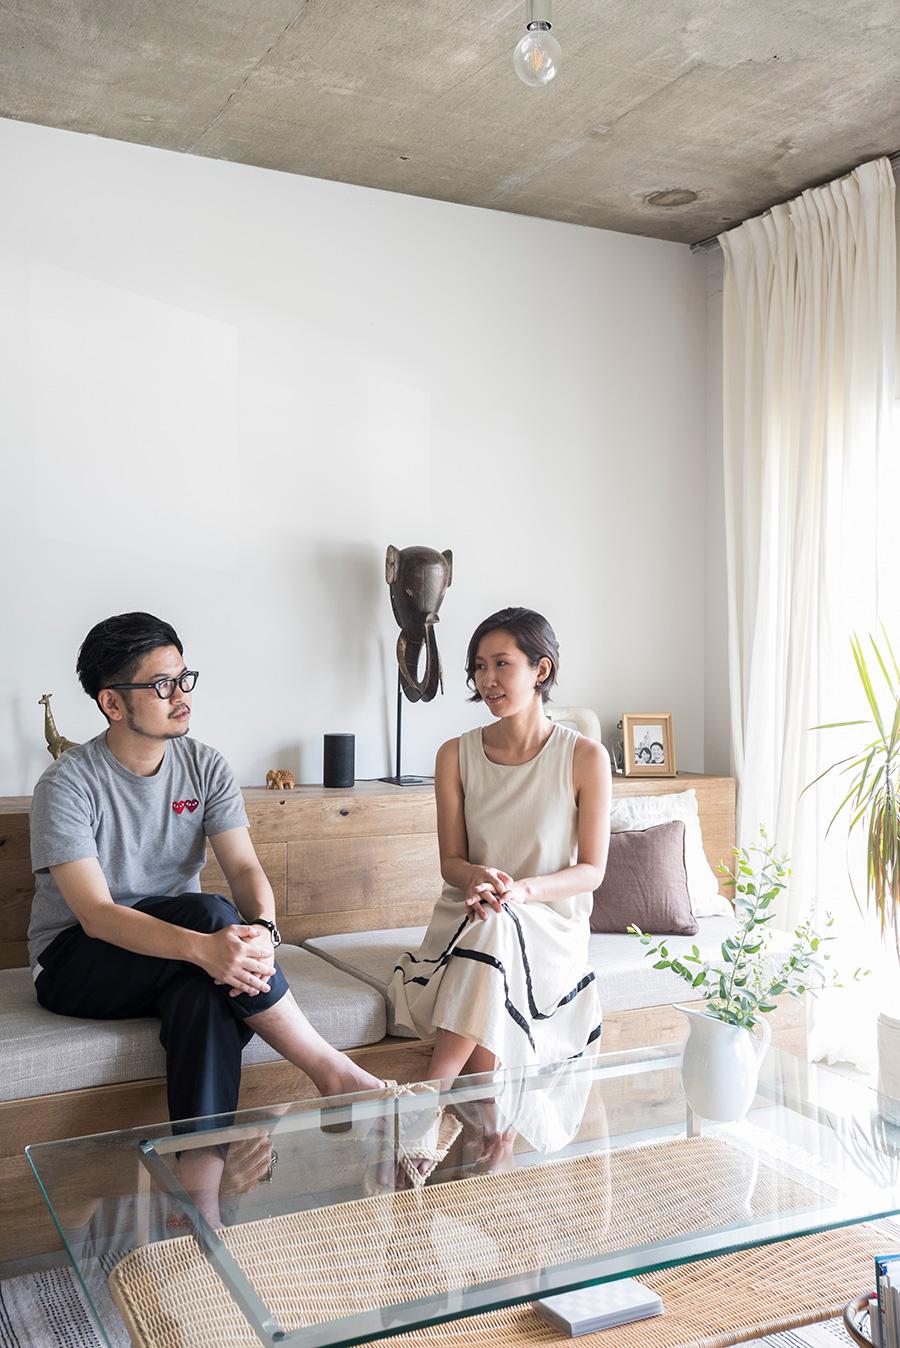 大手企業でマーケティングを担当する小川望さんと、moyadesignを運営する友紀さん。DIYで更新しつつ、新しい空間づくりへの夢も。